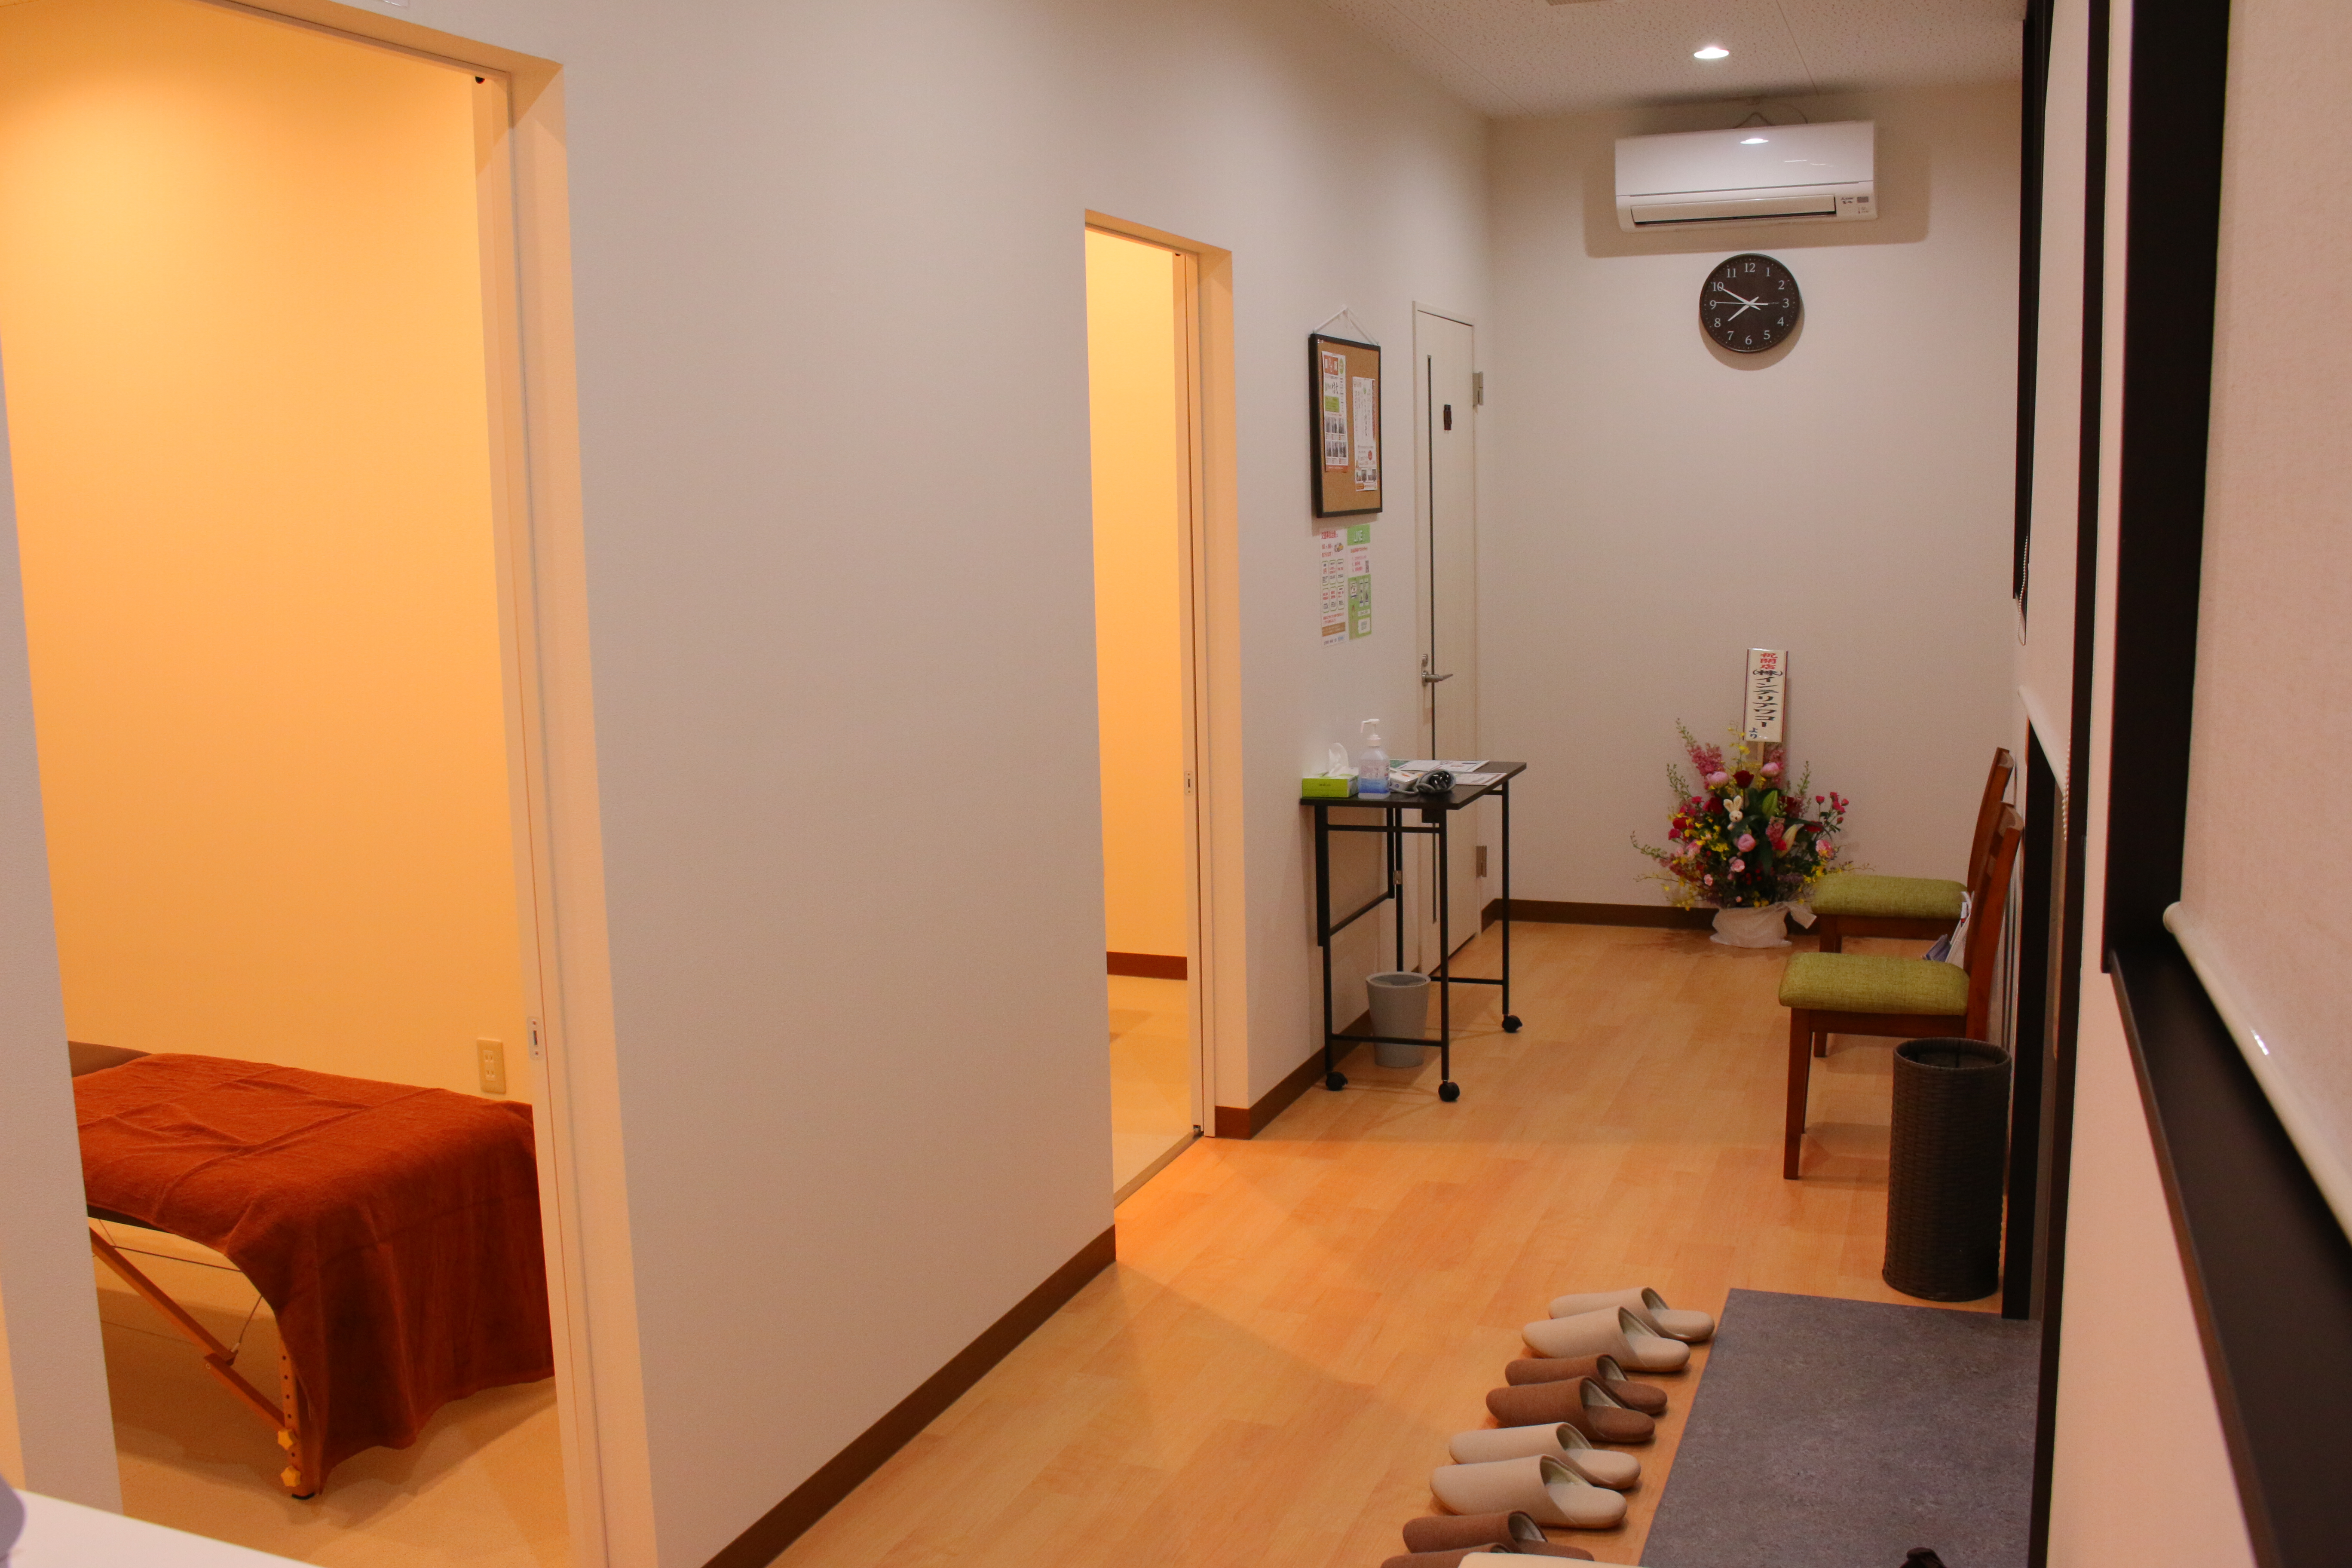 甲府和戸店は、個室で気軽に通いやすい